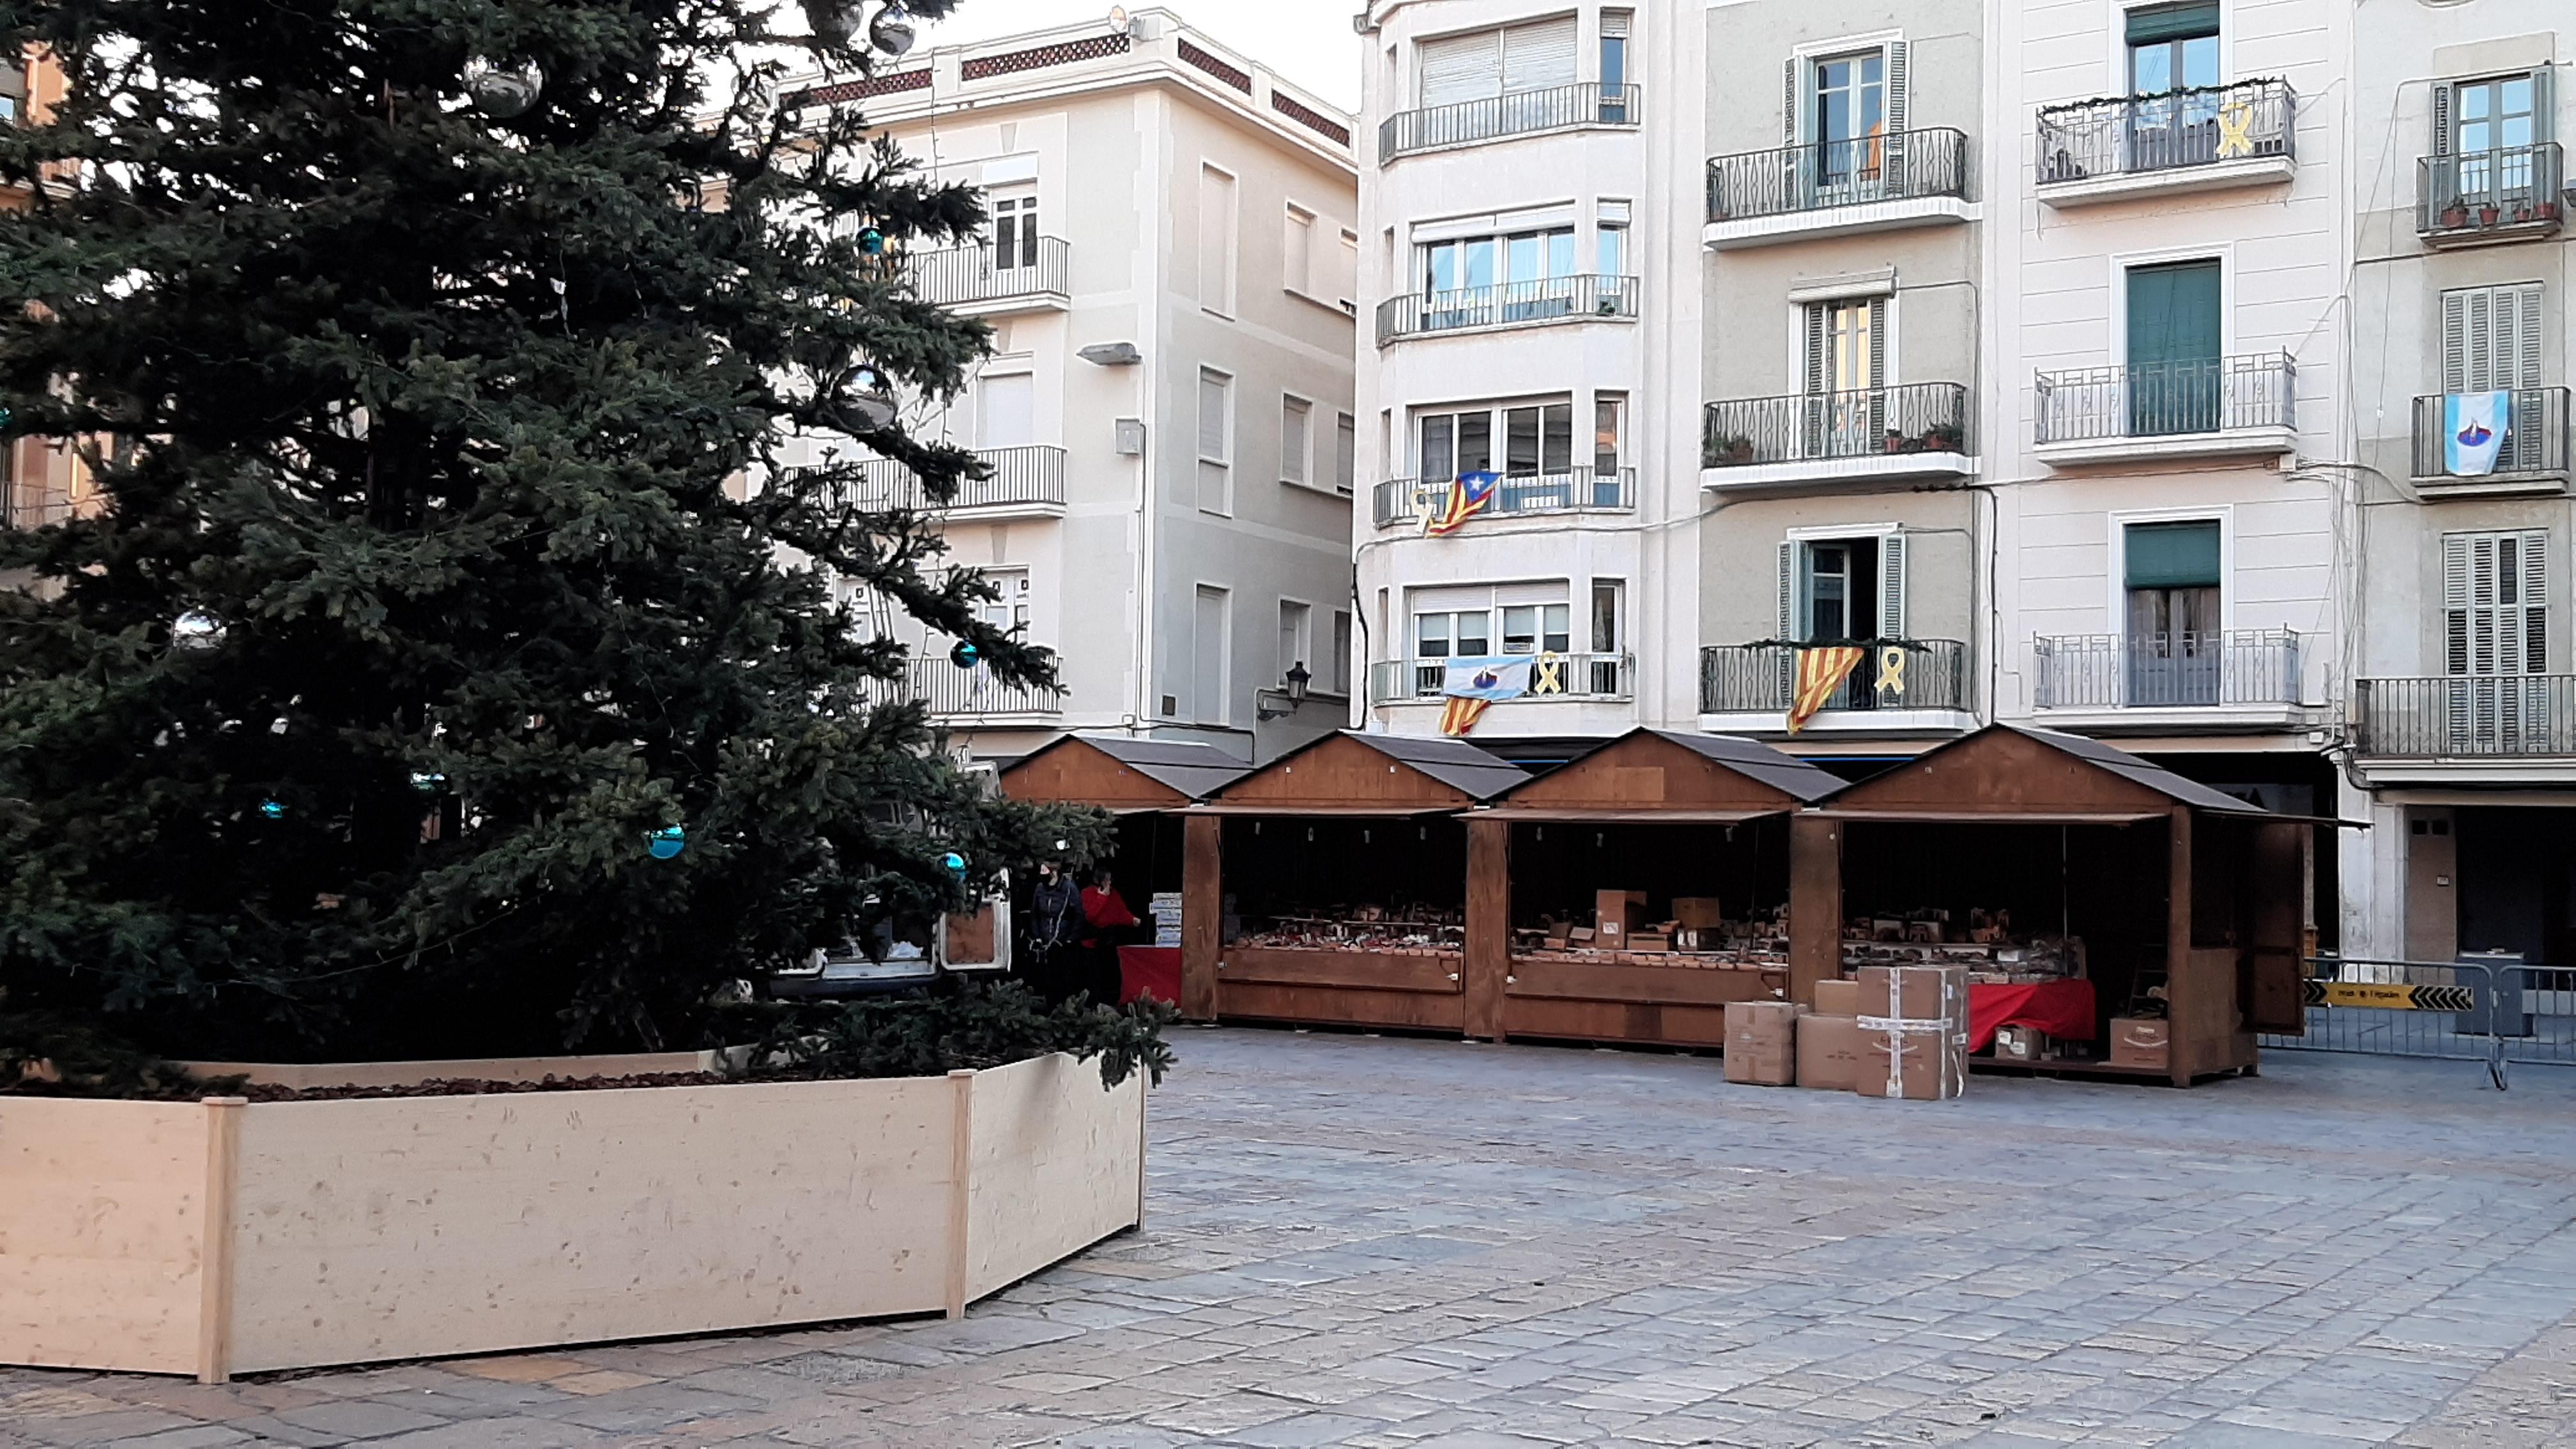 El Mercat de Nadal de Reus obre a partir d'aquest dijous dia 3 de desembre les portes un any més a la plaça del Mercadal. Ateses les mesu...